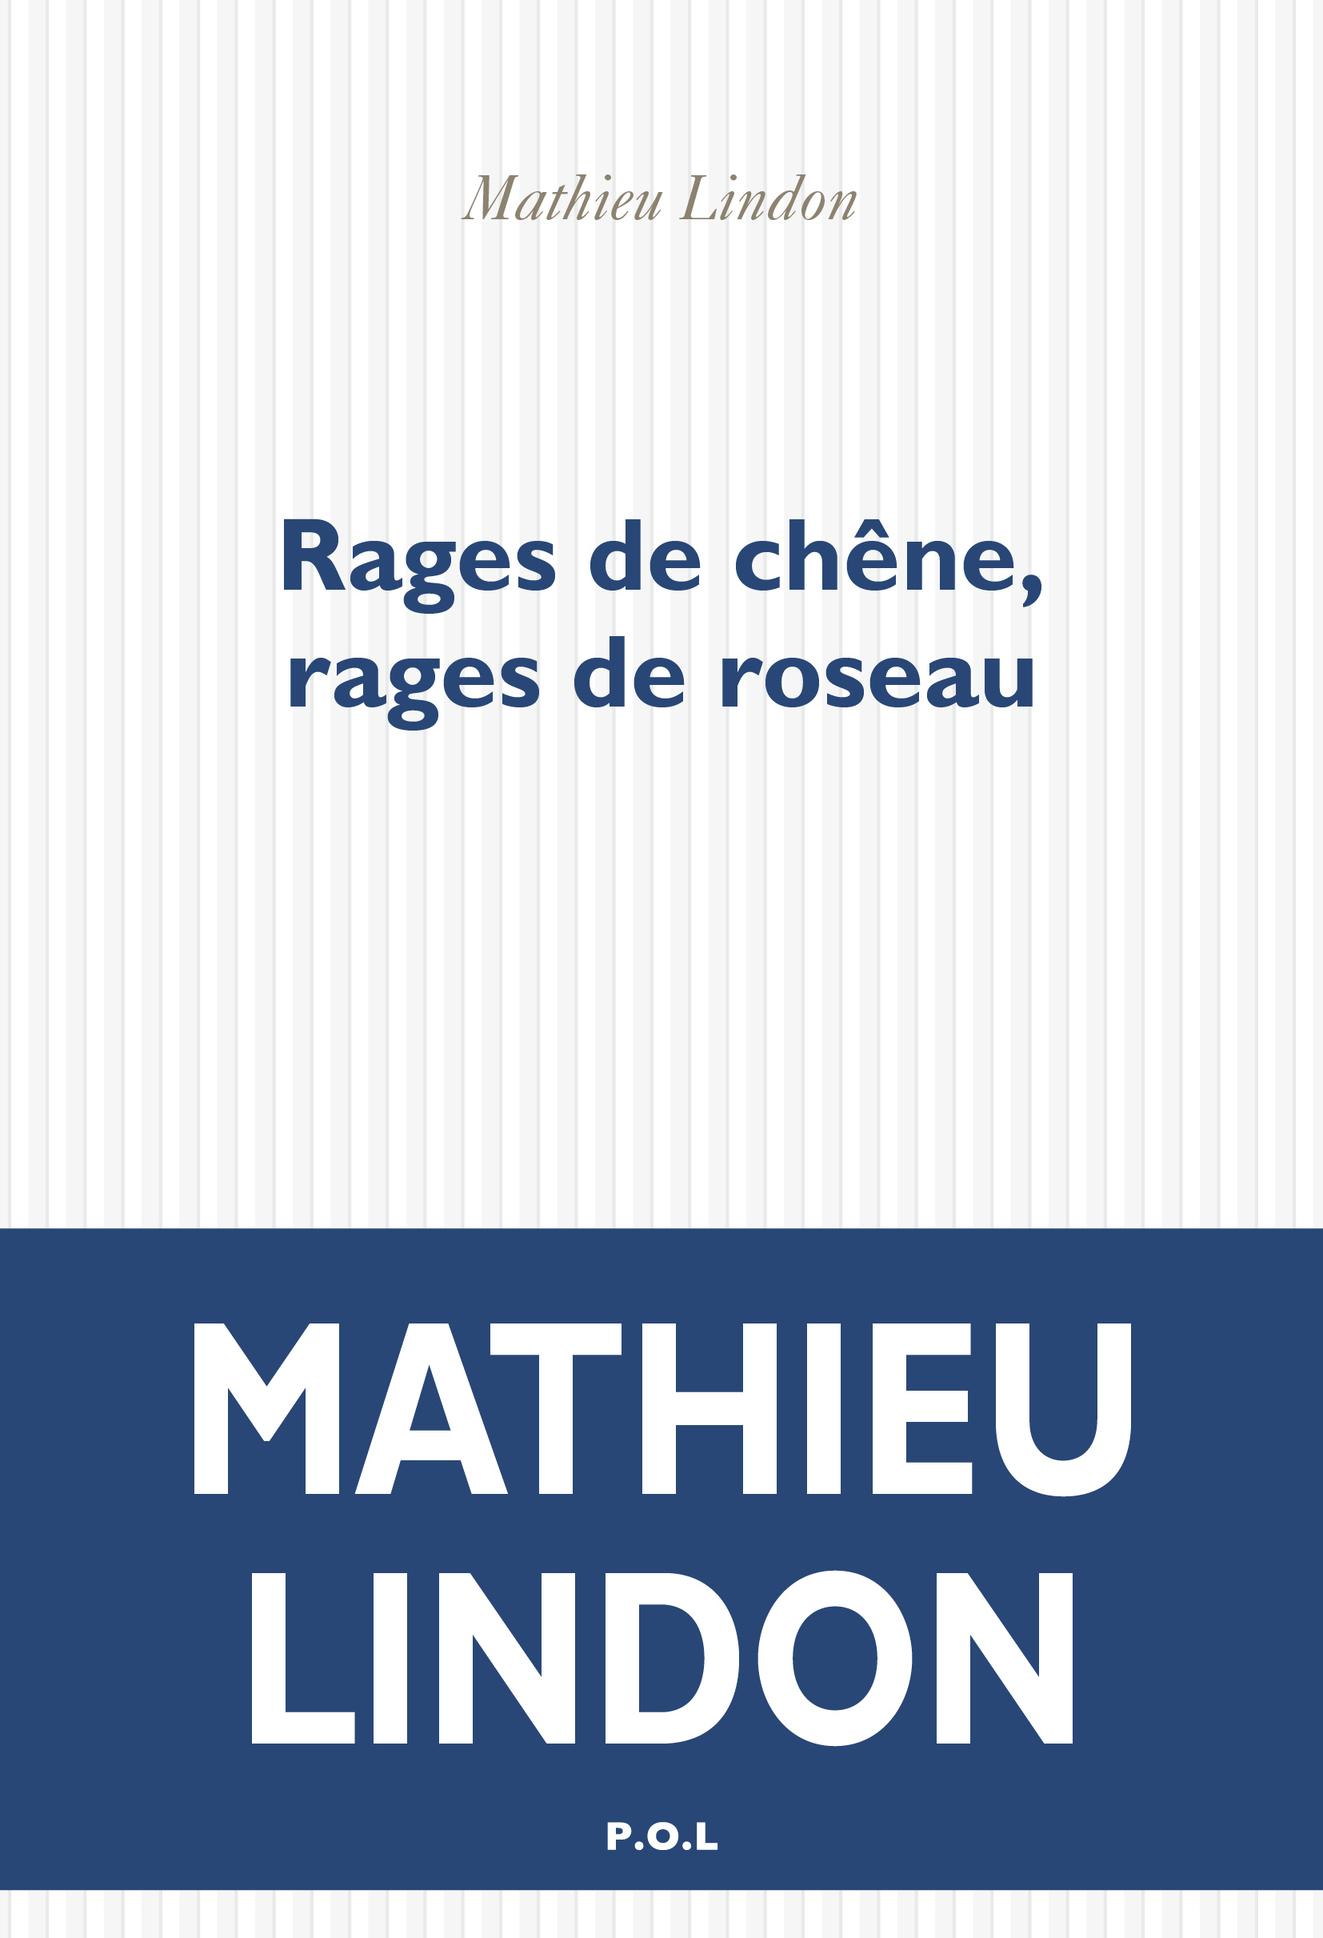 RAGES DE CHENE, RAGES DE ROSEAU